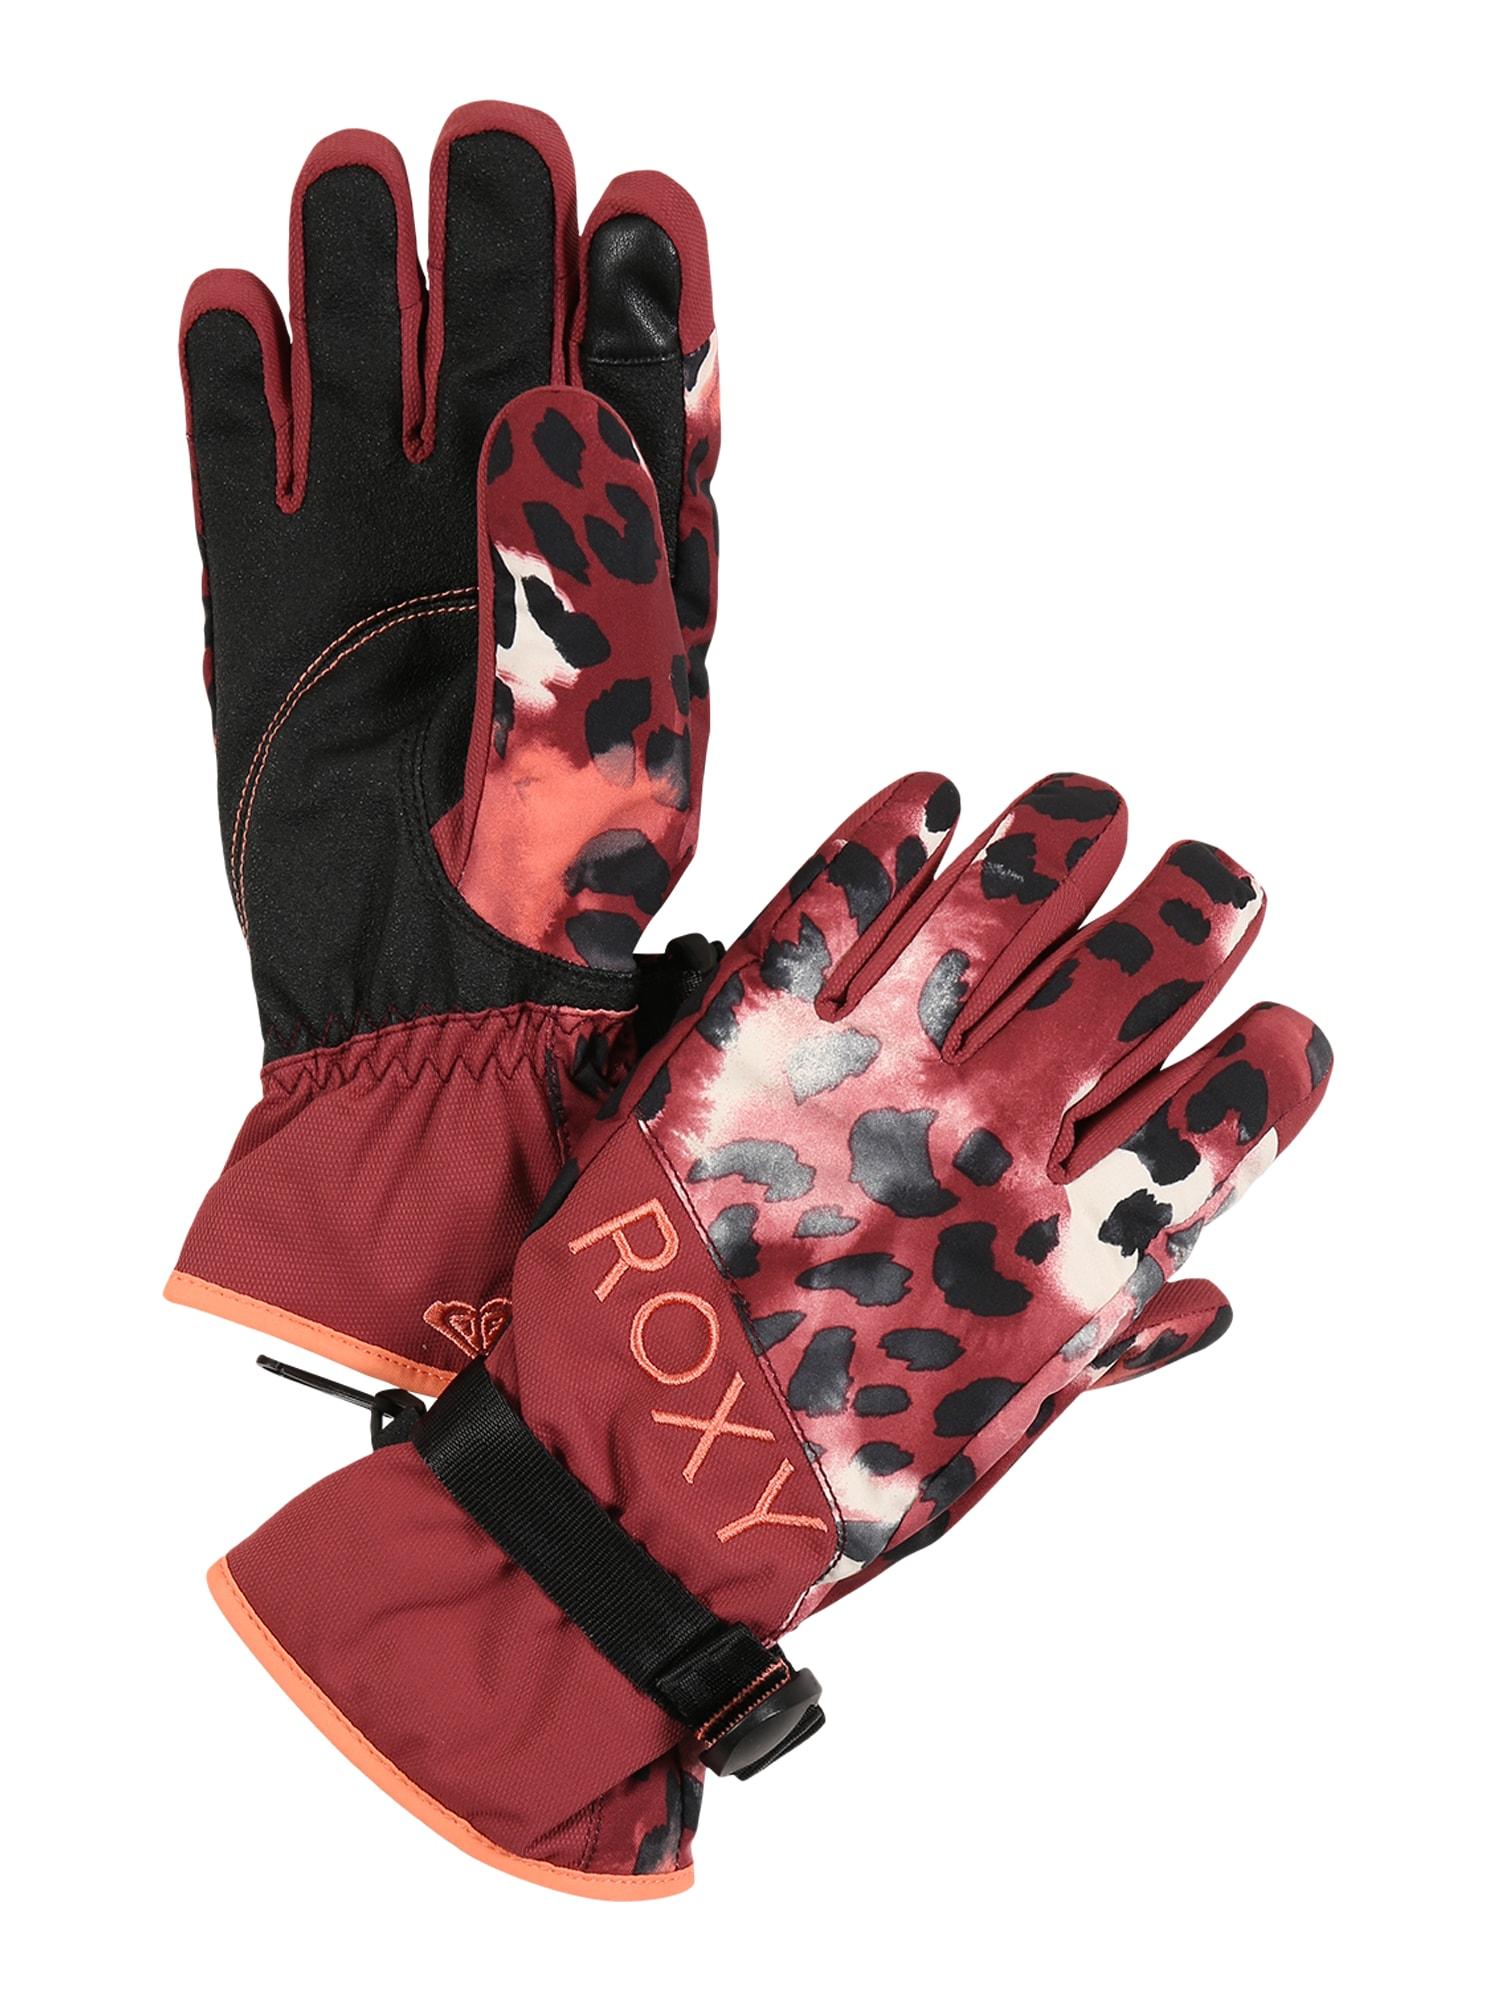 ROXY Sportinės pirštinės 'Jetty' raudona / juoda